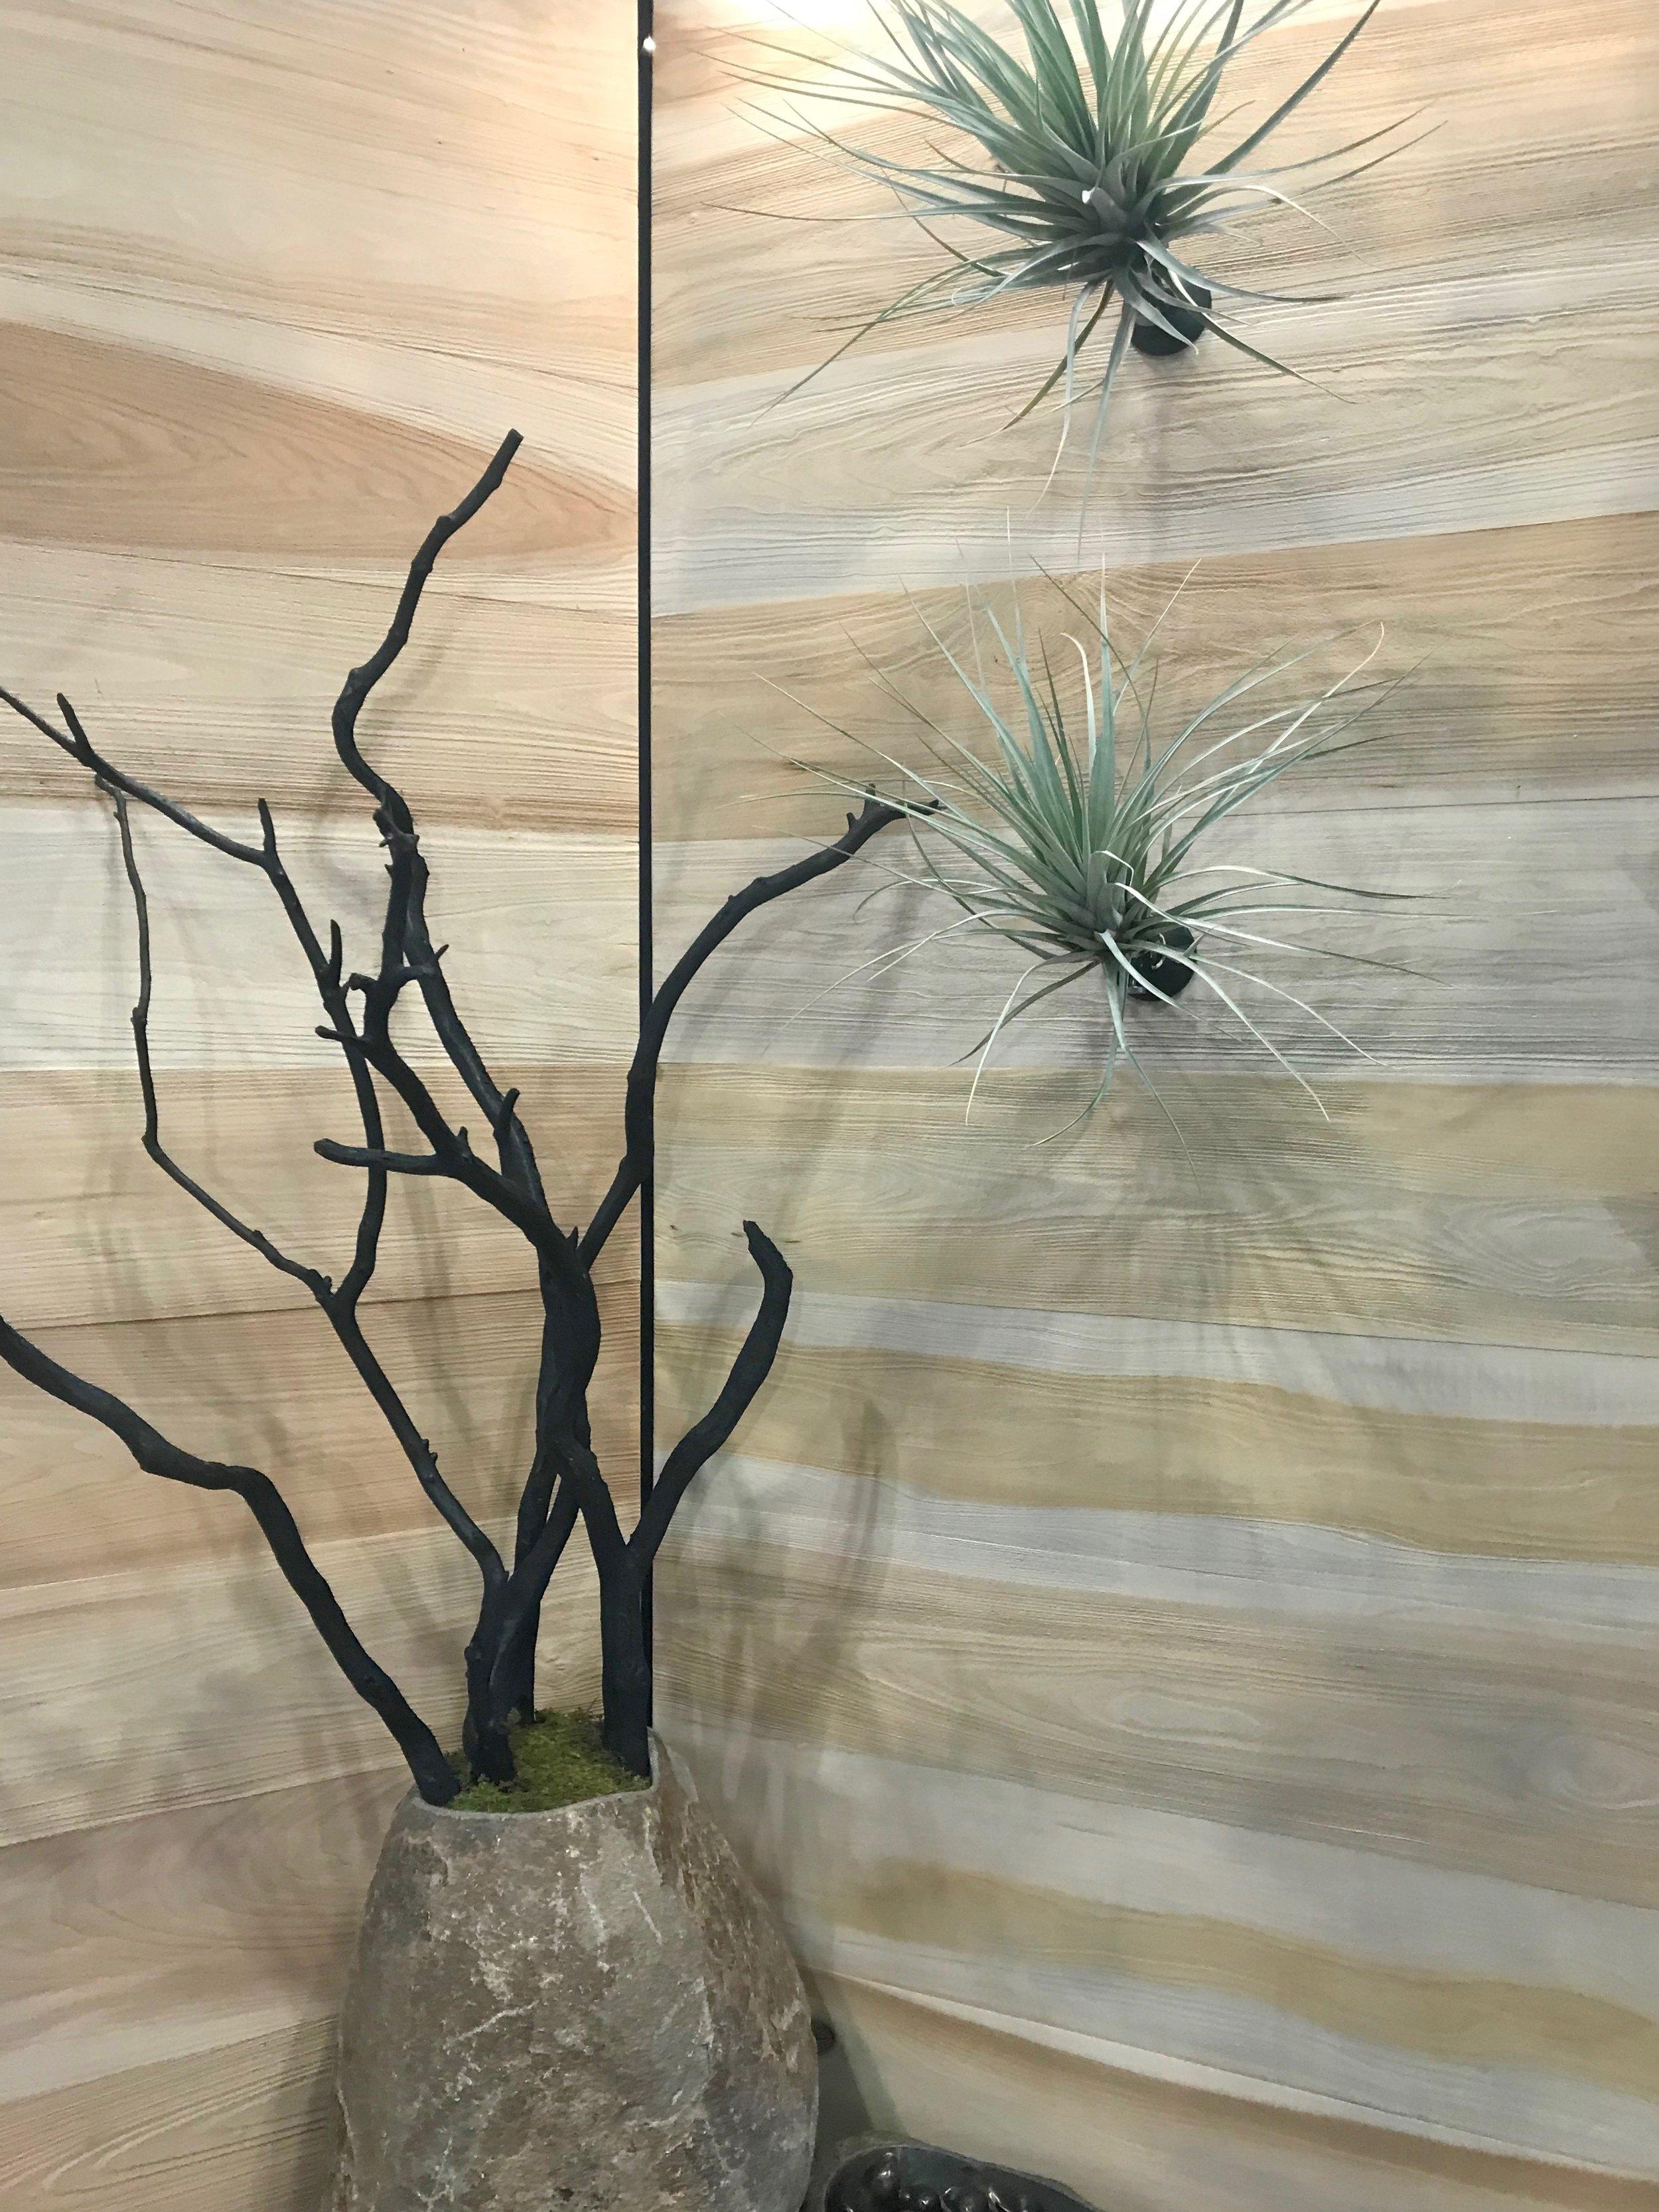 Wall mounted Tillandsia and blackened Manzanita